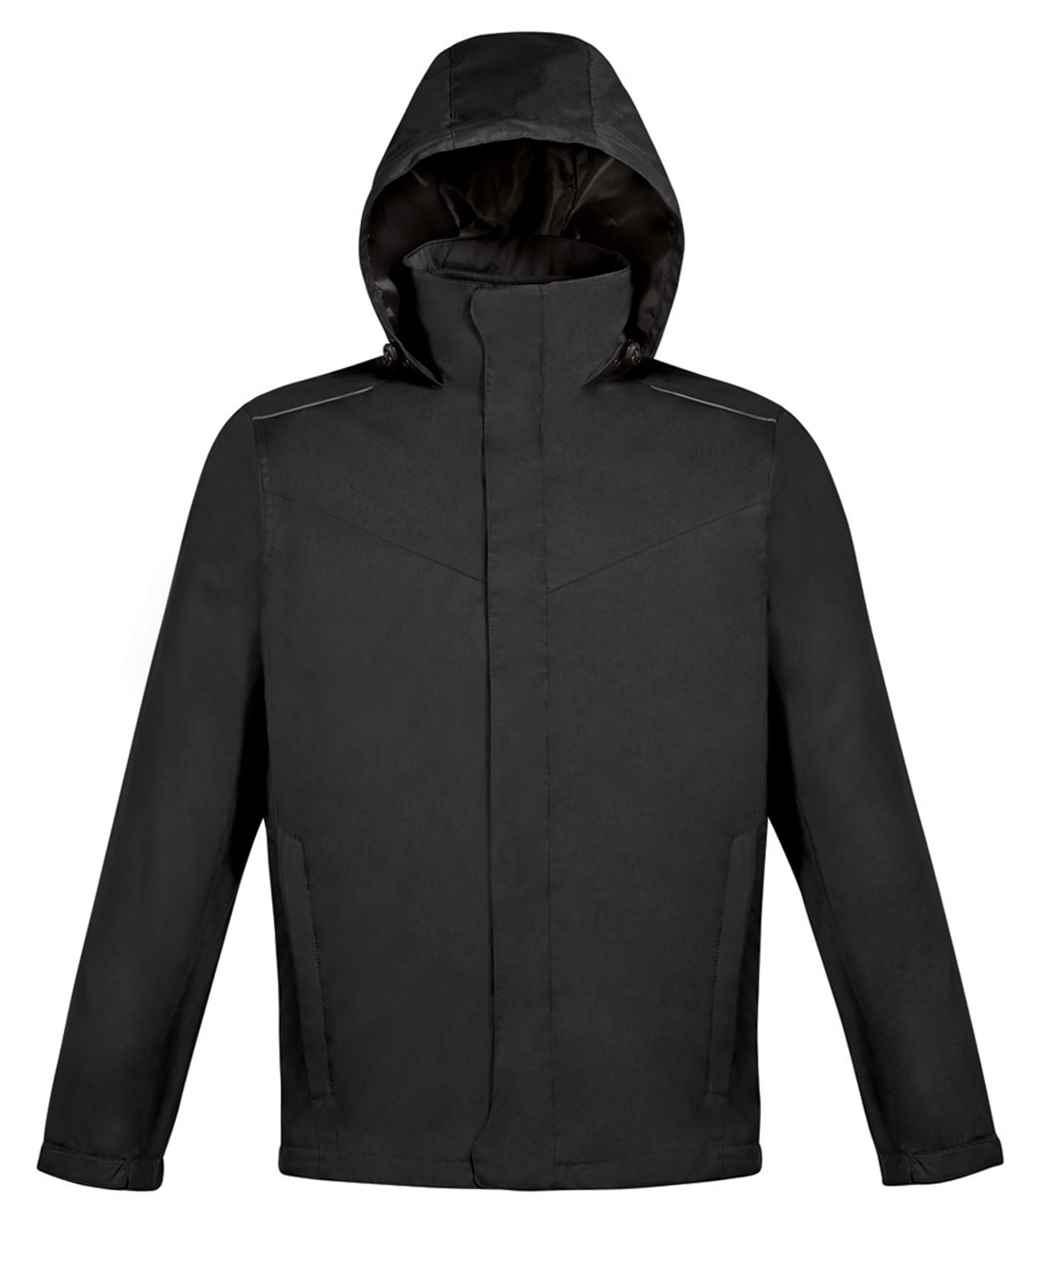 Picture of Core365 Men's 3-In-1 Jacket With Fleece Liner